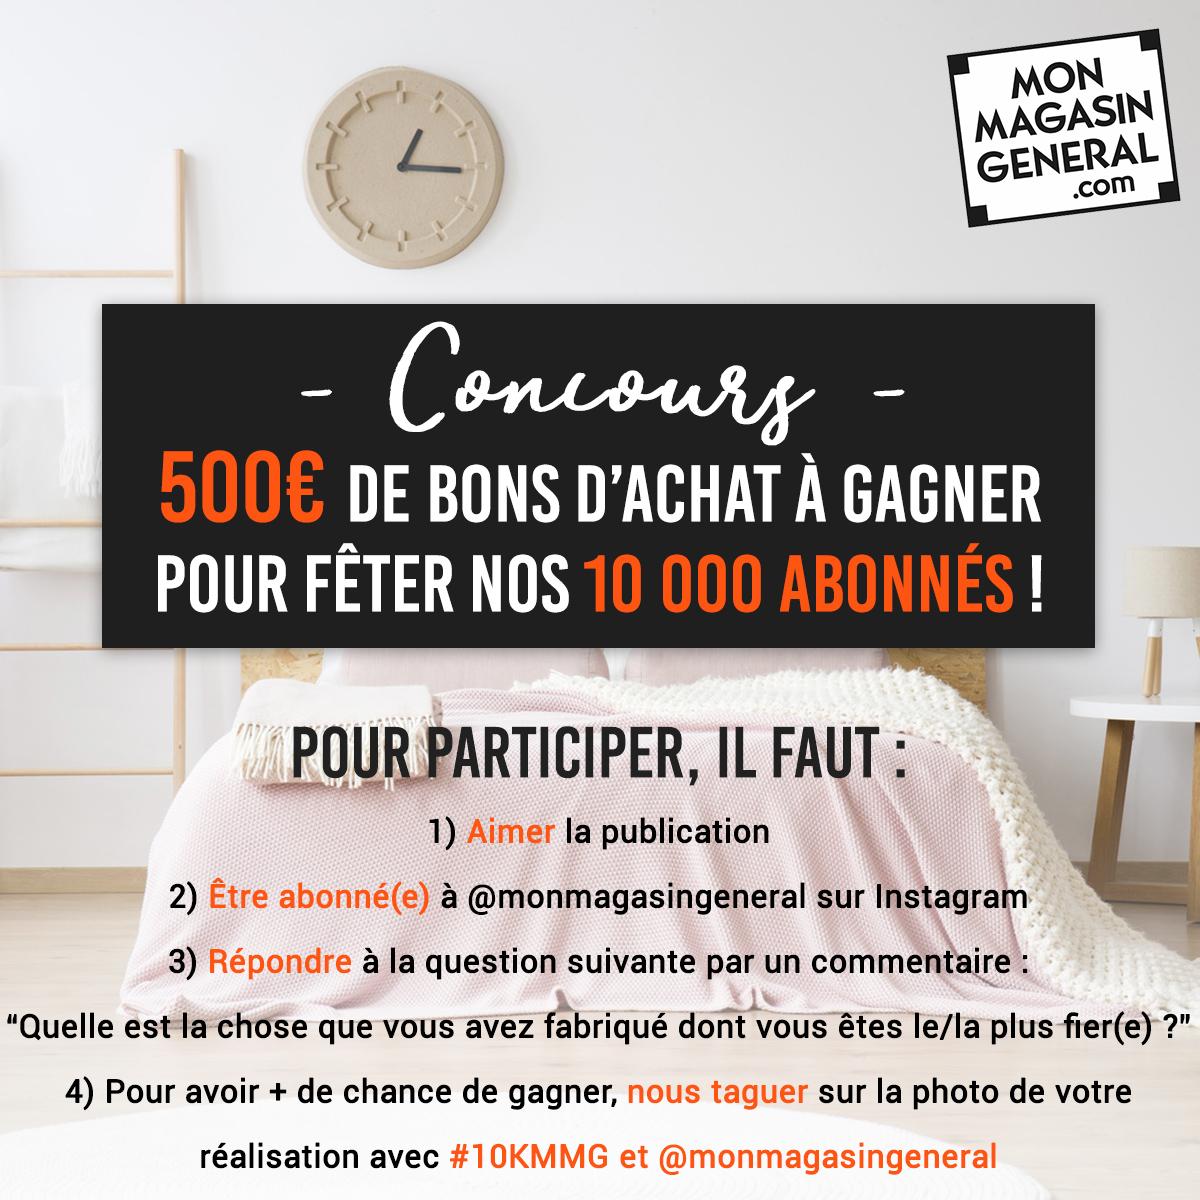 Le concours Instagram de Mon Magasin Général